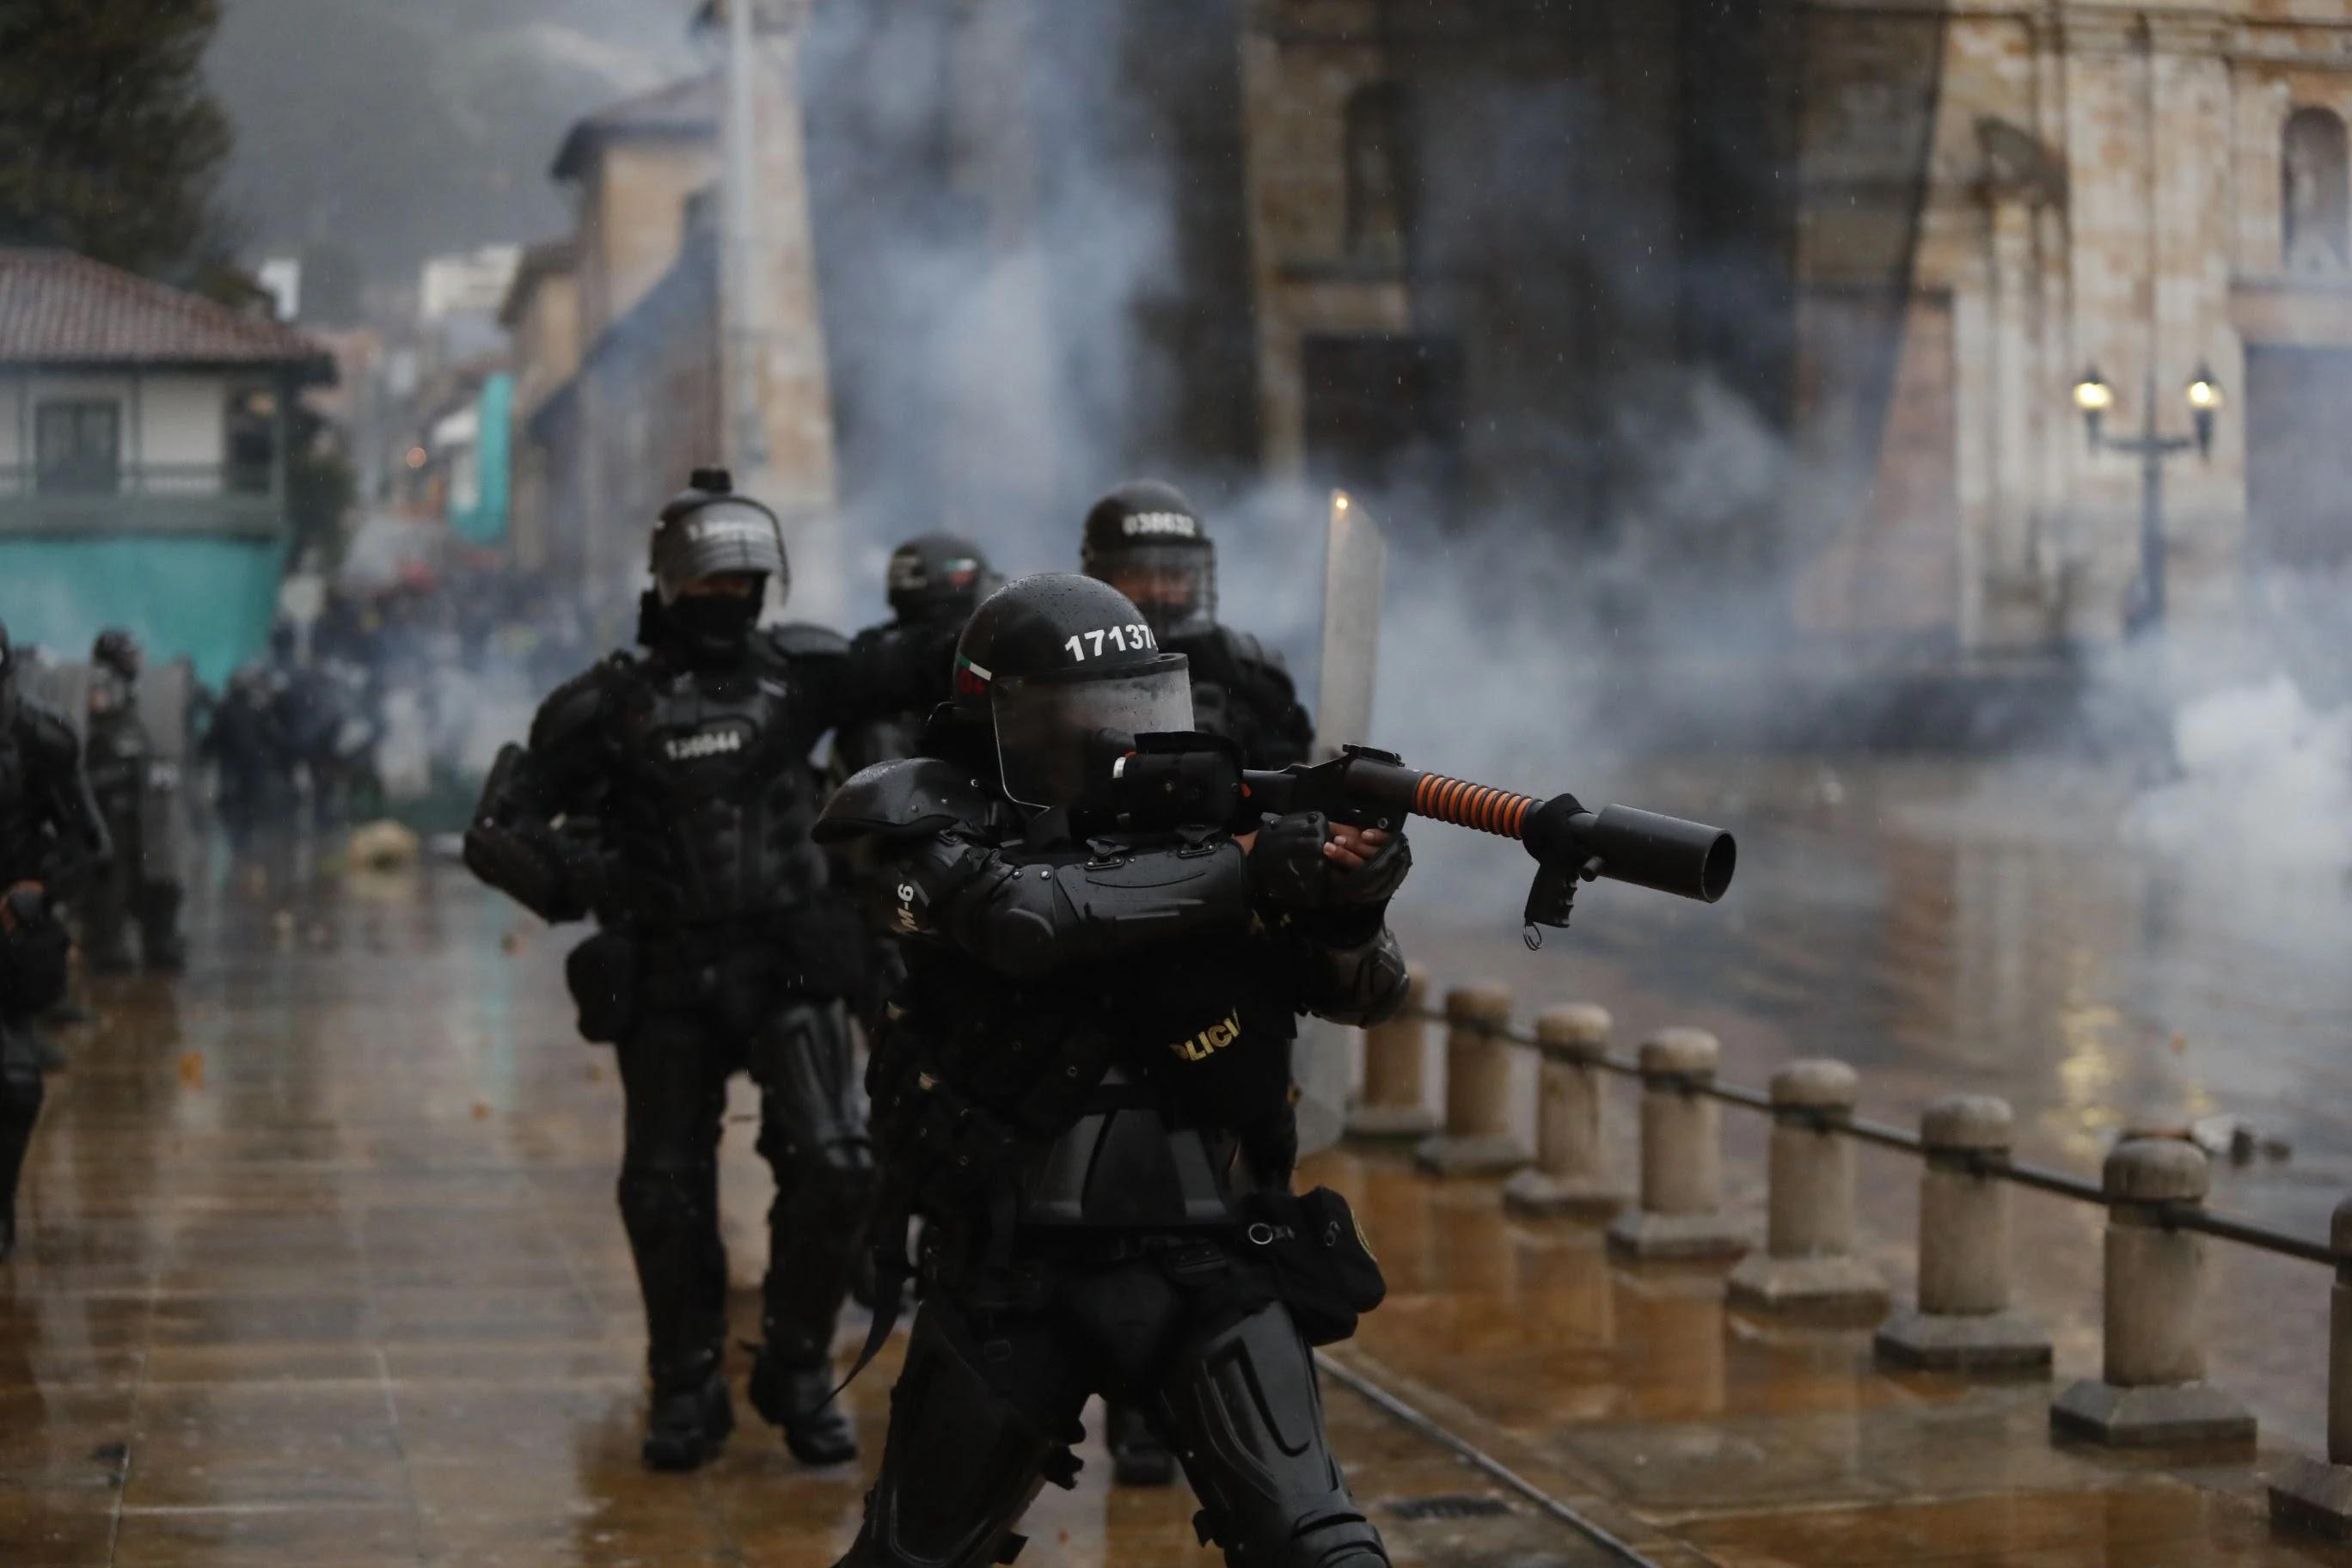 hoyennoticia.com, Judicializarán a policías por tres homicidios durante protestas